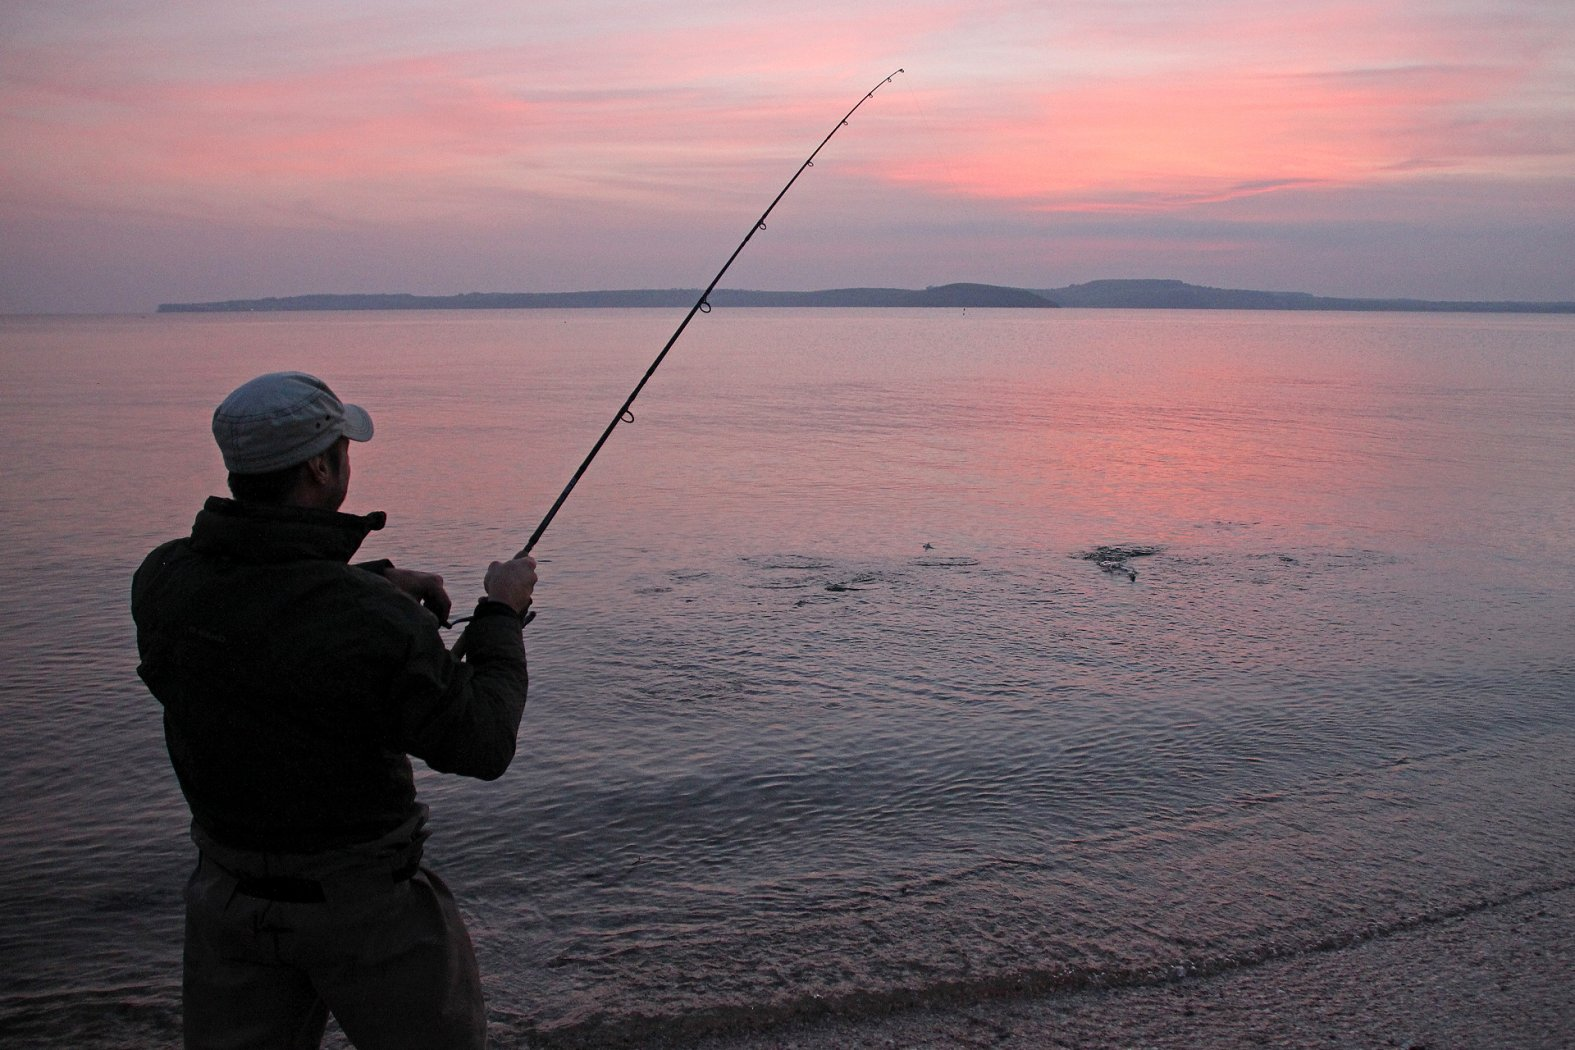 Angeln auf Makrelen vom Ufer aus